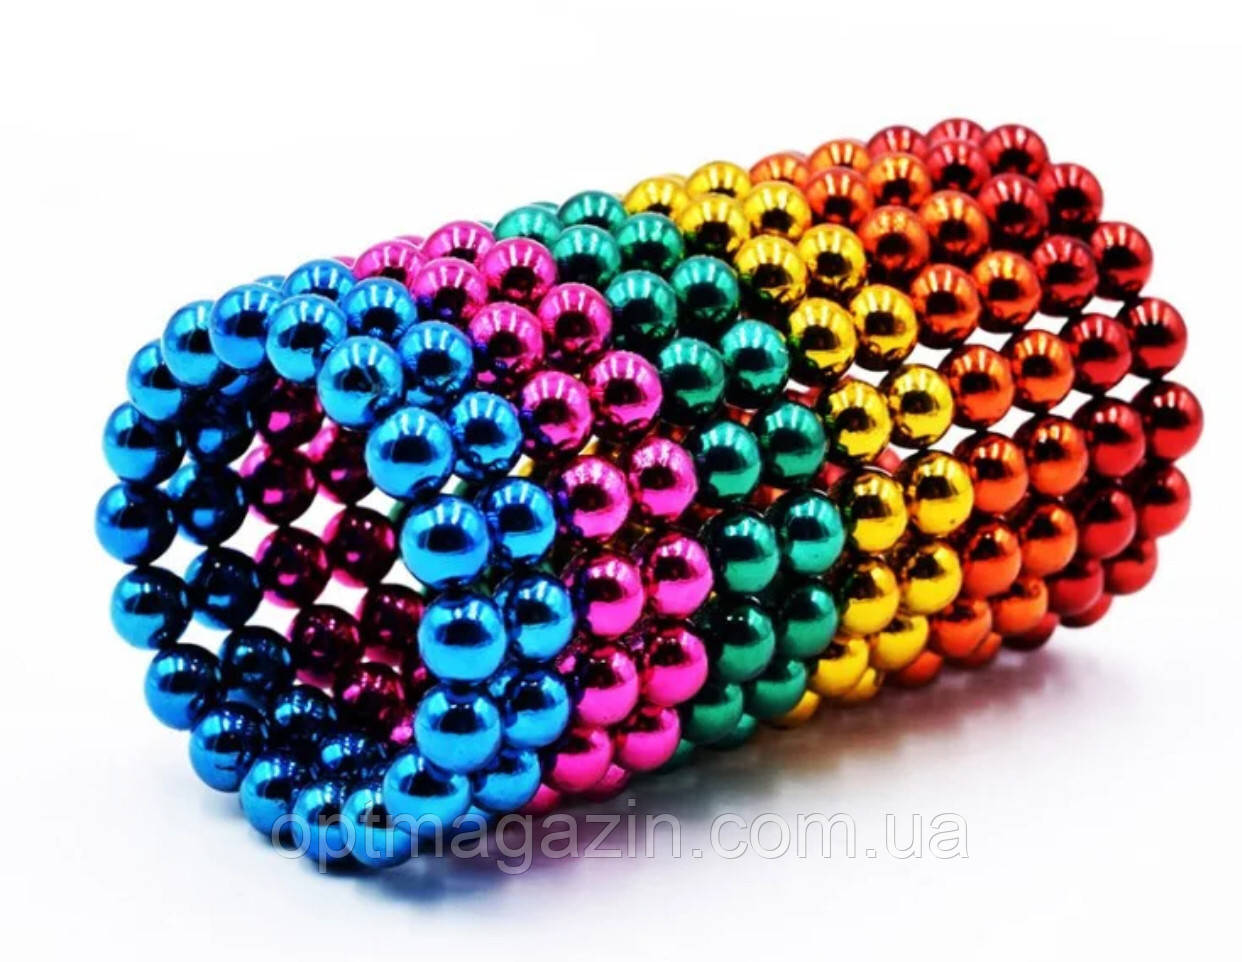 Нєо Куб 5мм кольоровий, Магнітні кульки, Магнітний неокуб, Головоломка